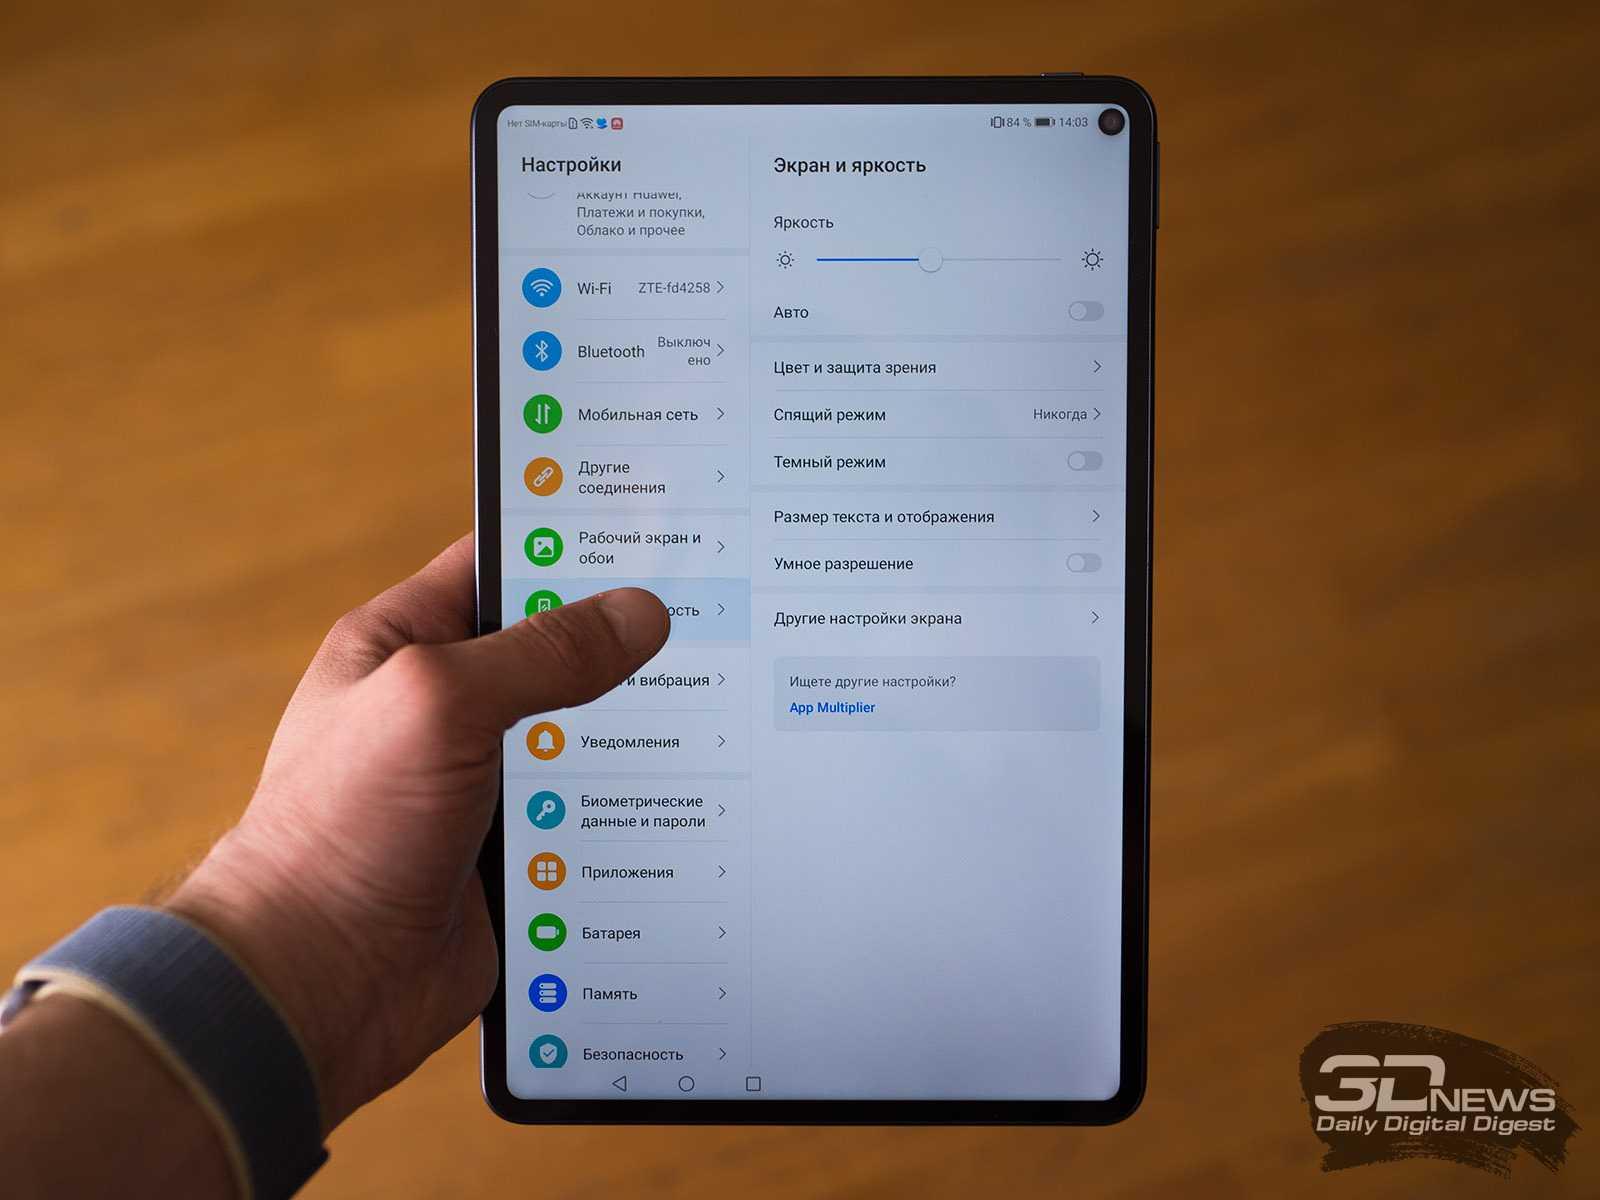 25 ноября должна состояться презентация нового планшета Huawei MatePad Это первый аппарат в истории который получил экран с отверстием Речь идет о дисплее TCL WQ